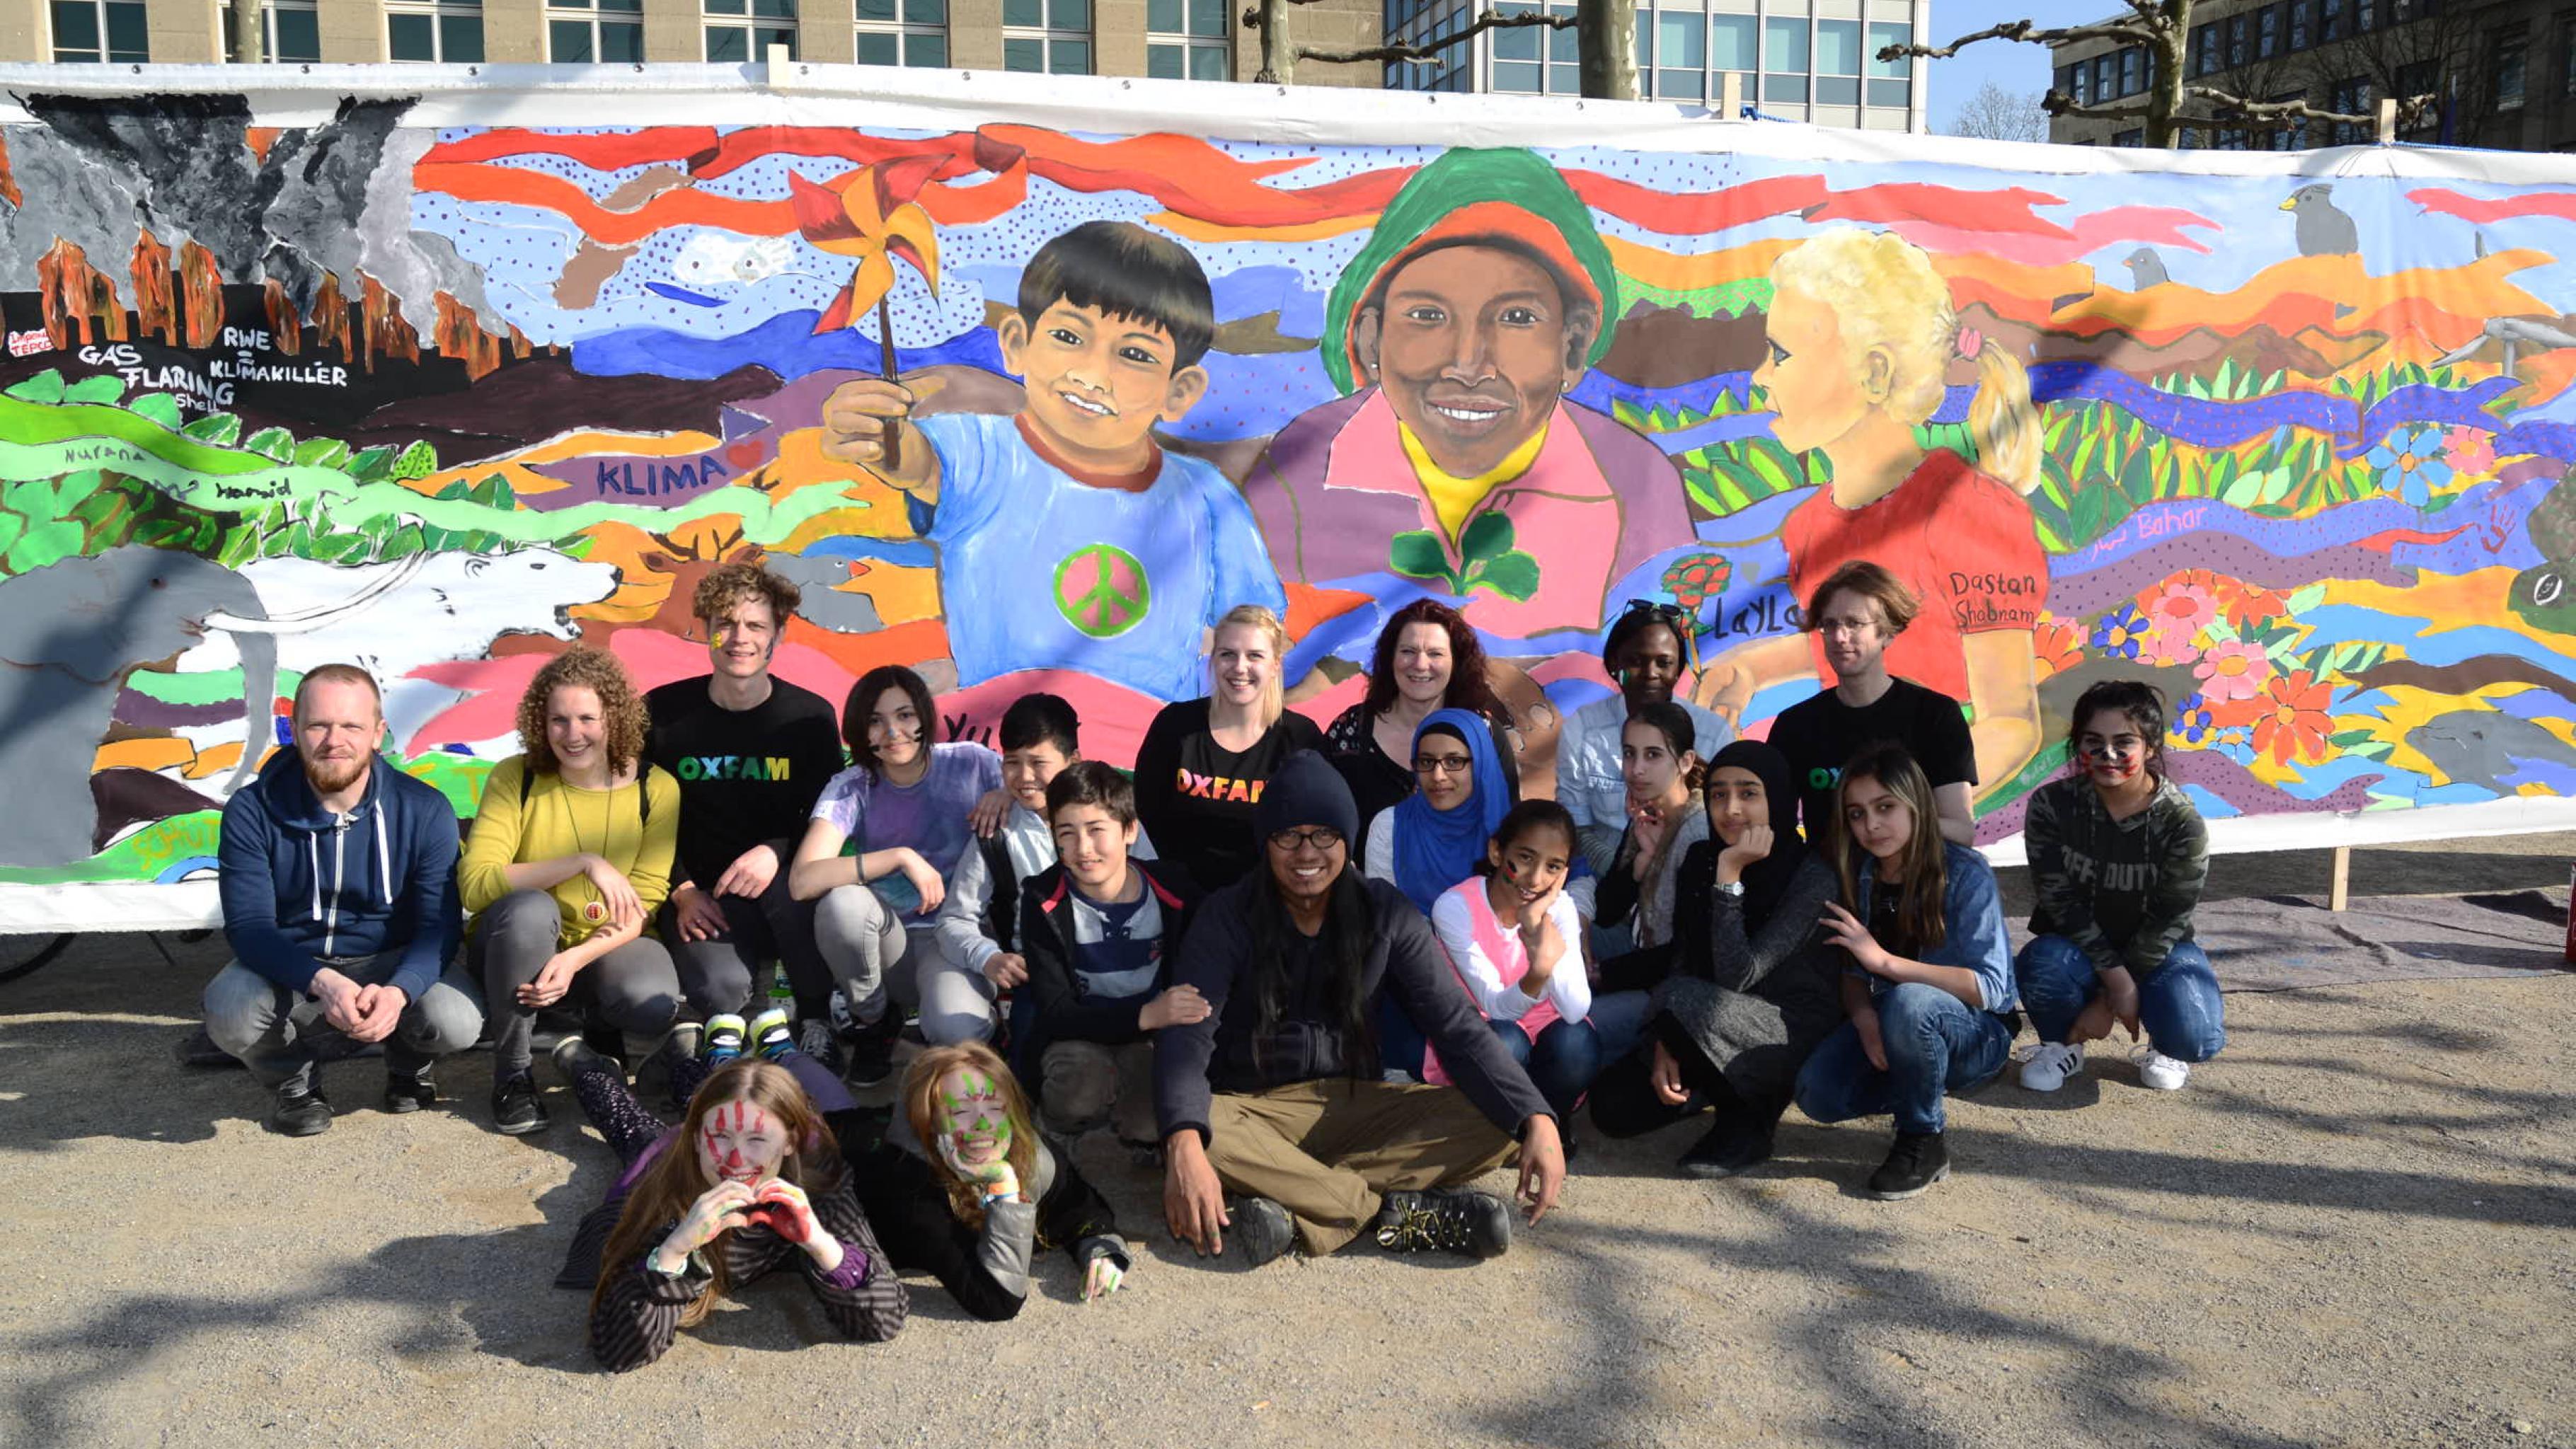 Künstler und Aktivist/innen vor dem fertigen Gemälde. Das Bild zeigt Kinder Asiens, Afrikas und Europas, die gemeinsam eine neue klimafreundliche Welt erschaffen.